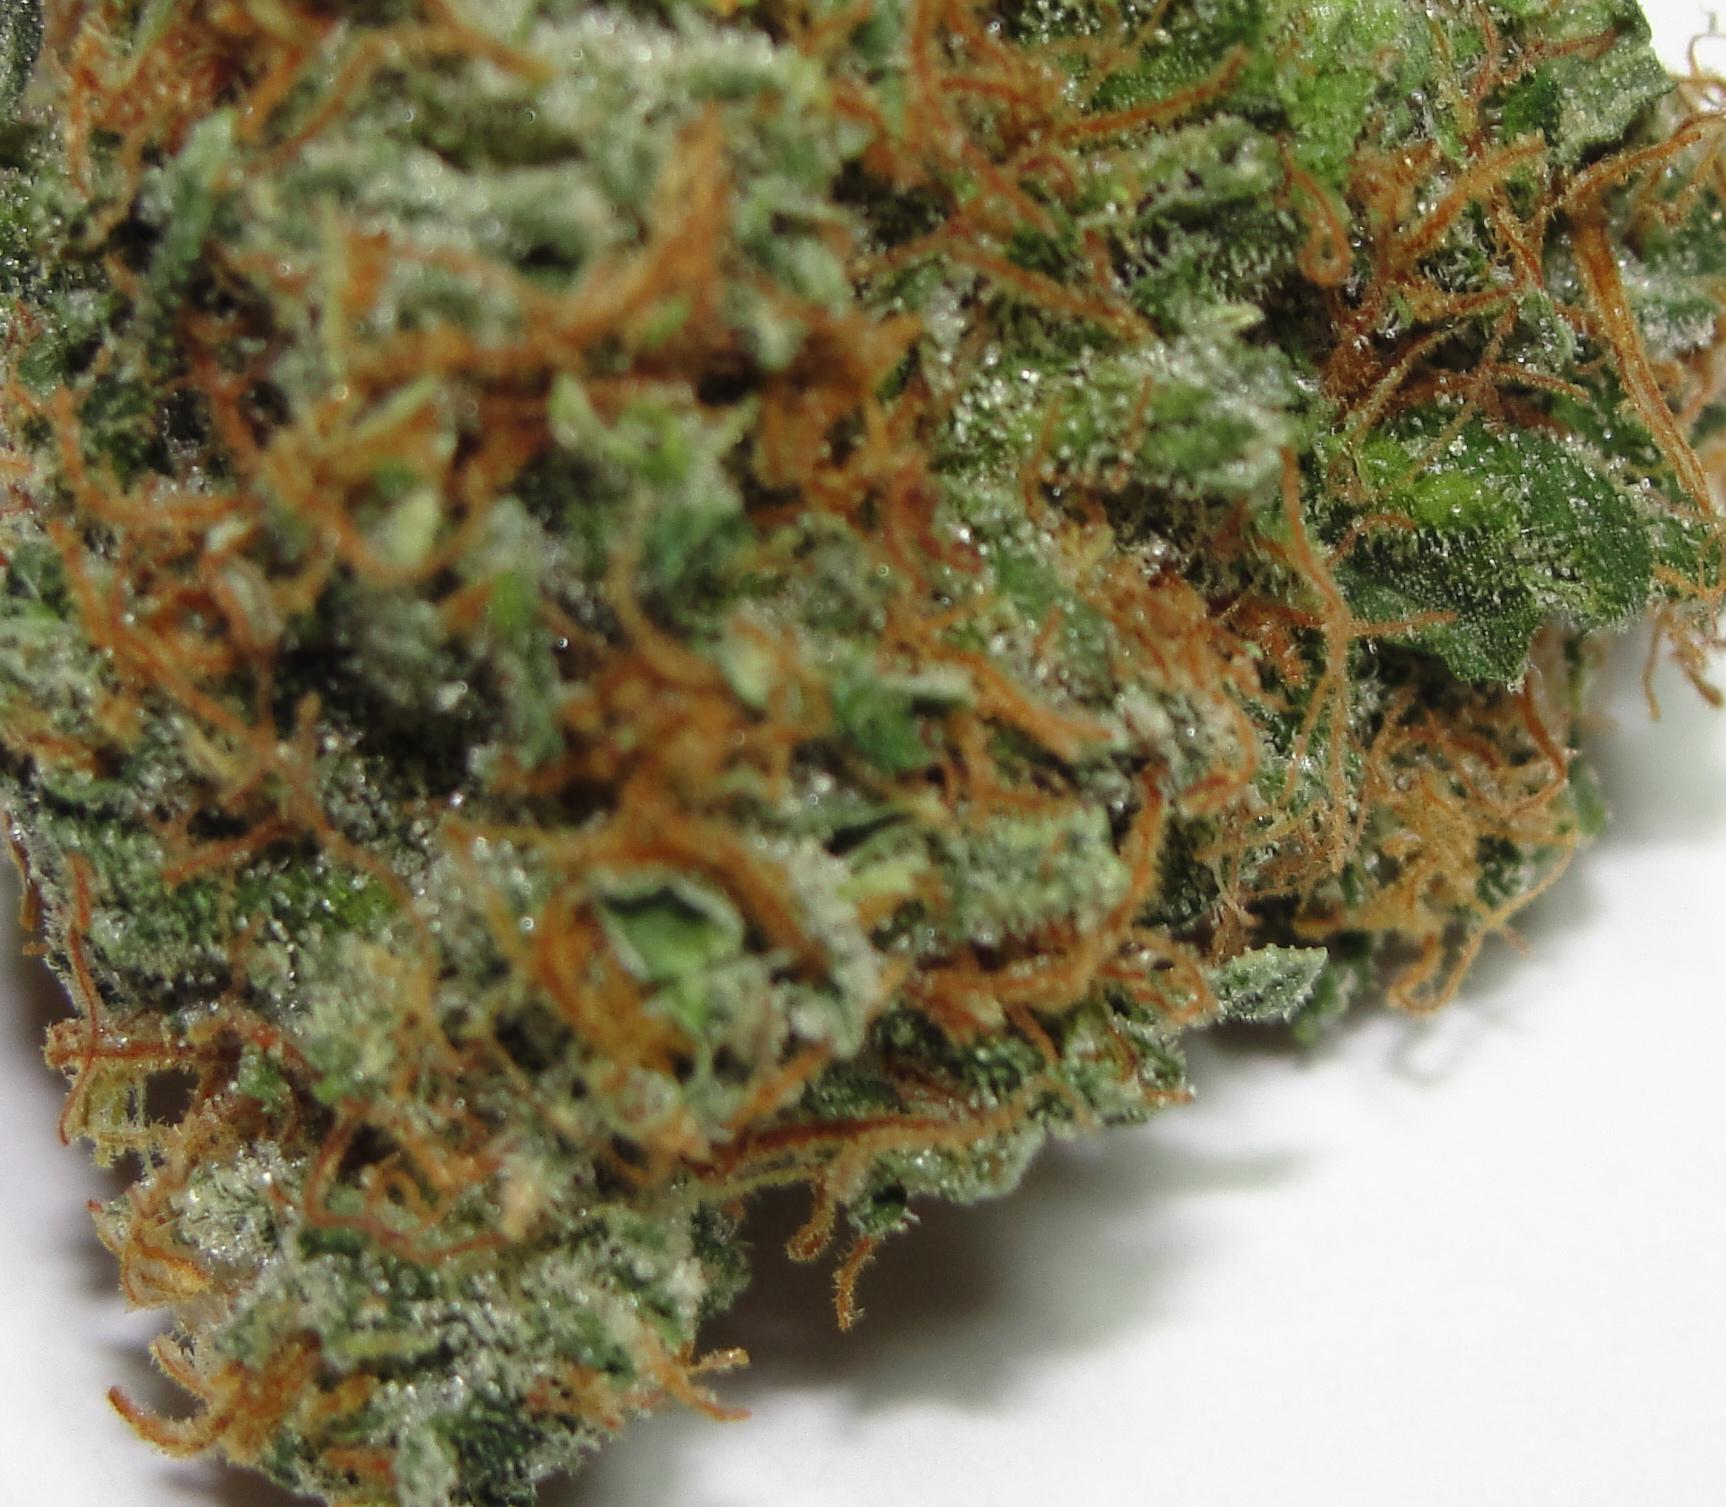 Afkush afghan kush plants 4 life milehigh marijuana for Afghan kush exterieur